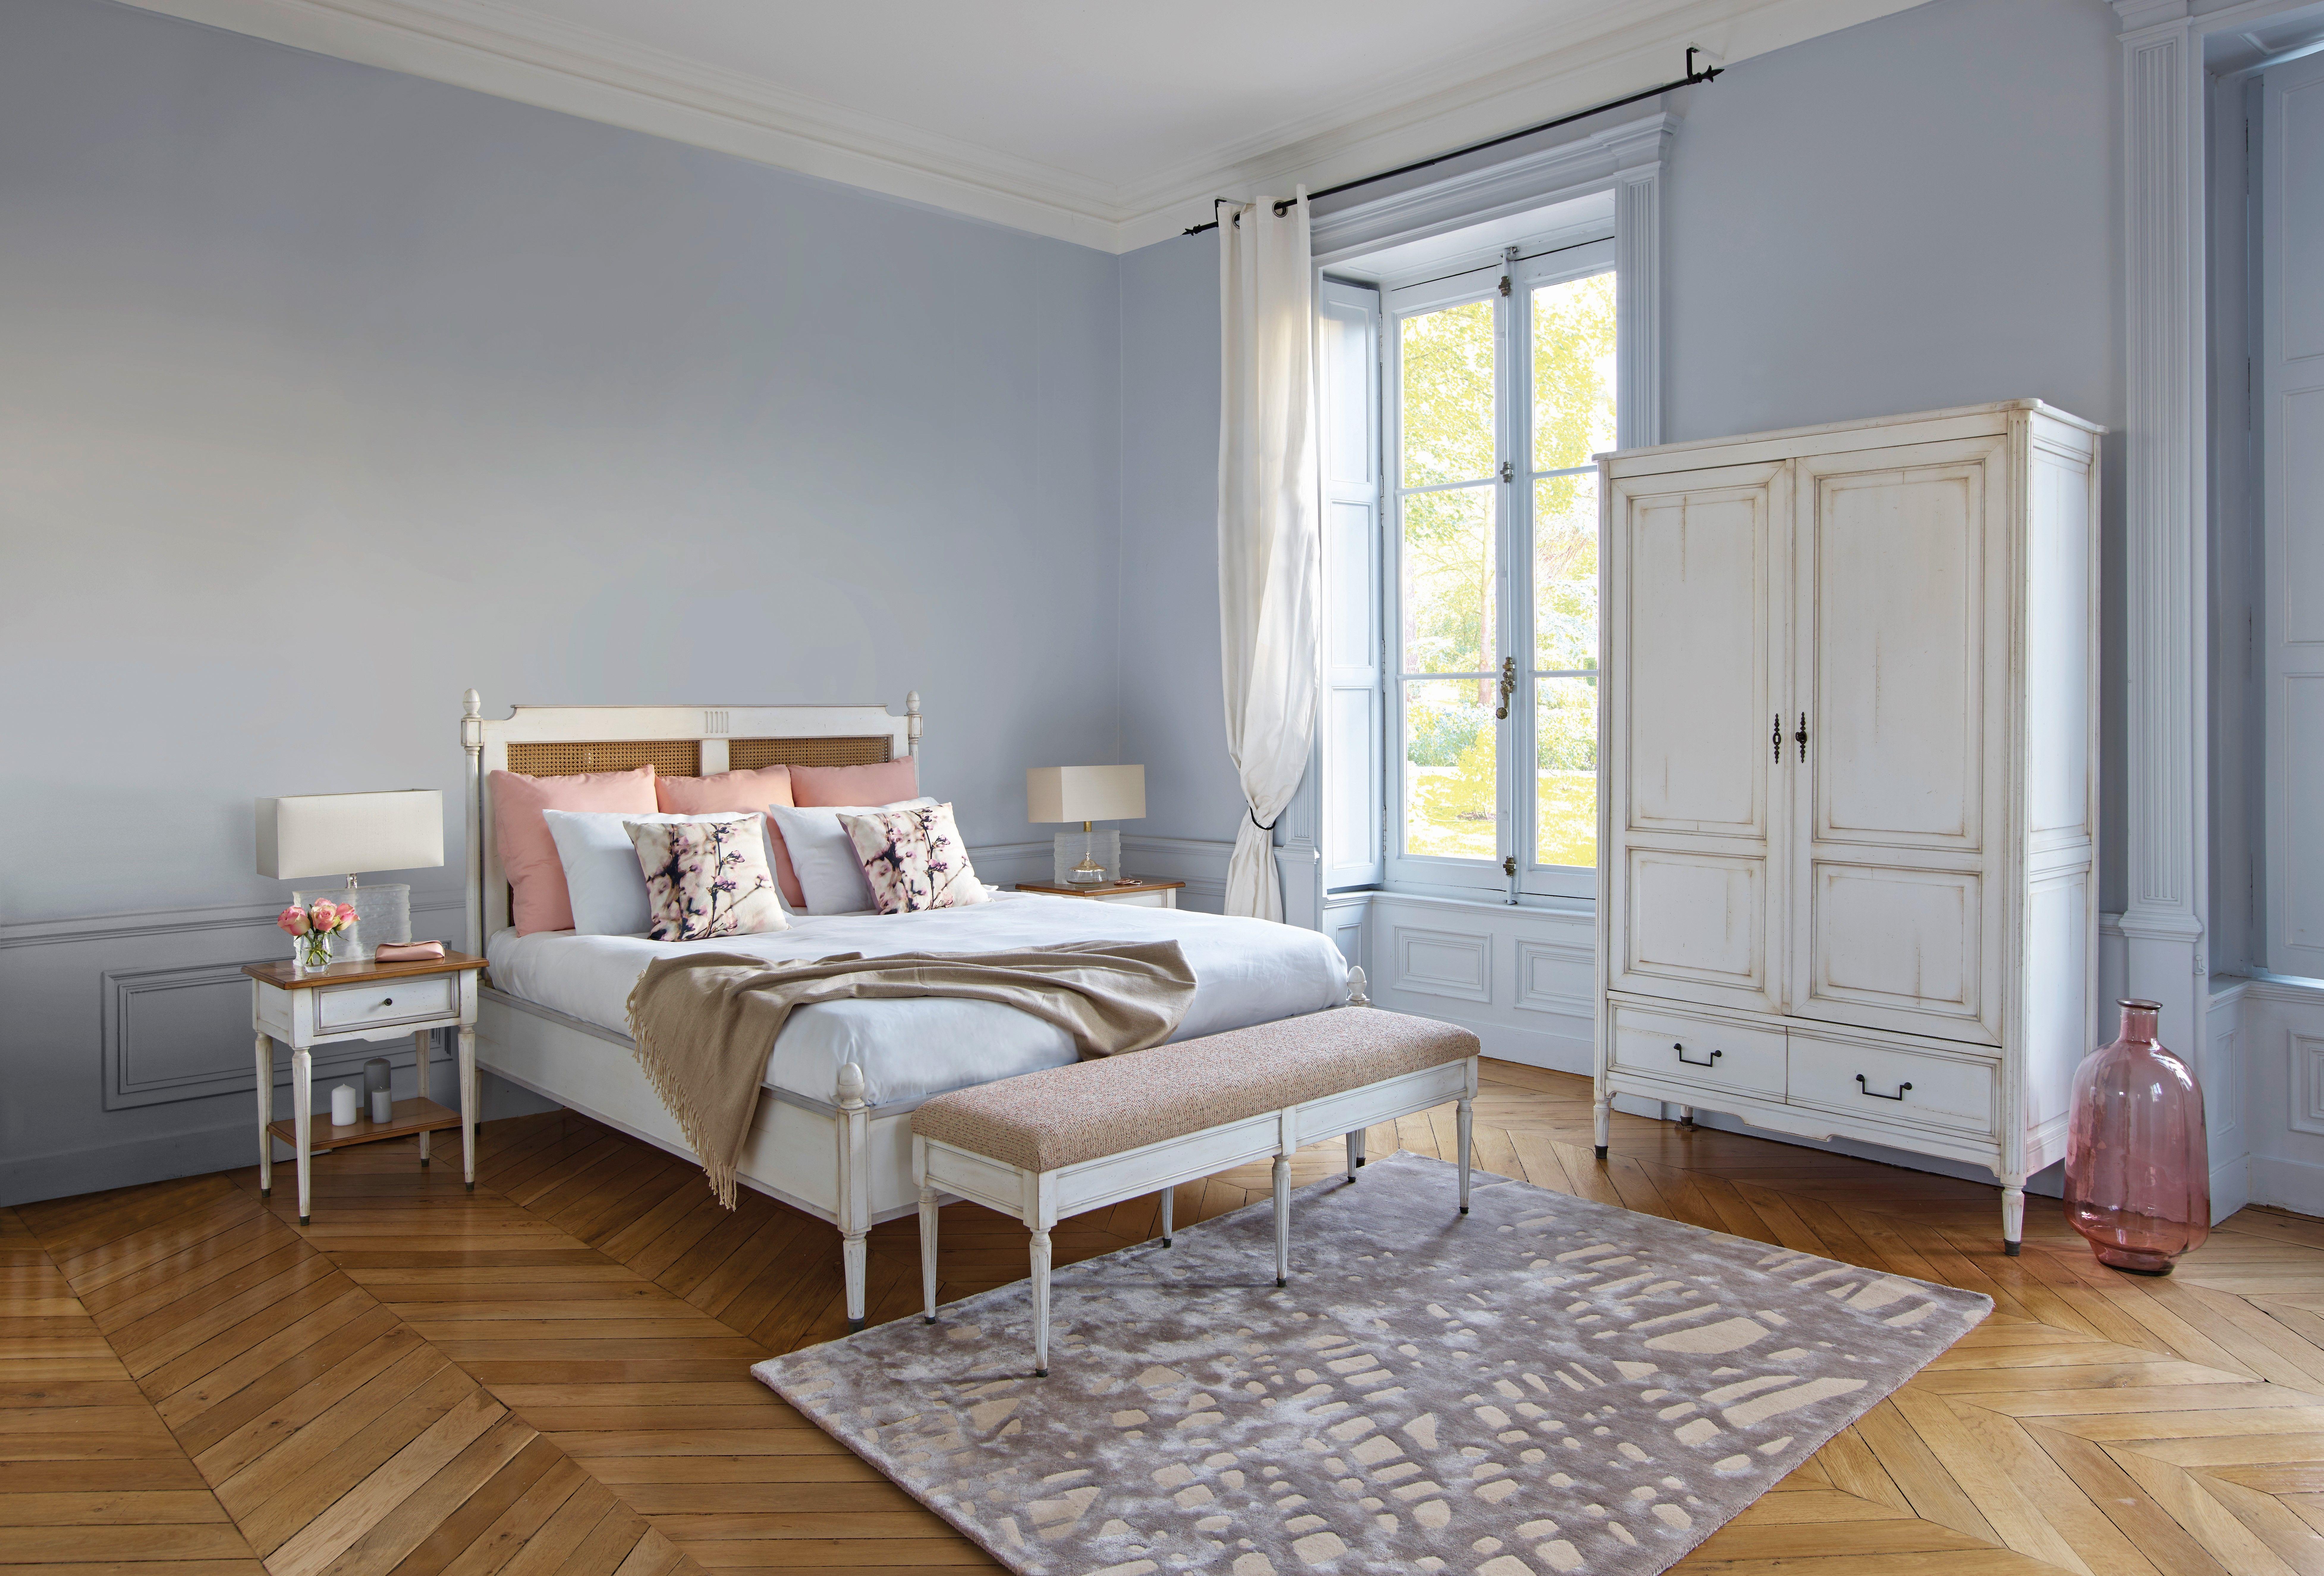 Slaapkamer ideeën zacht roze slaapkamer pink bedroom klassieke